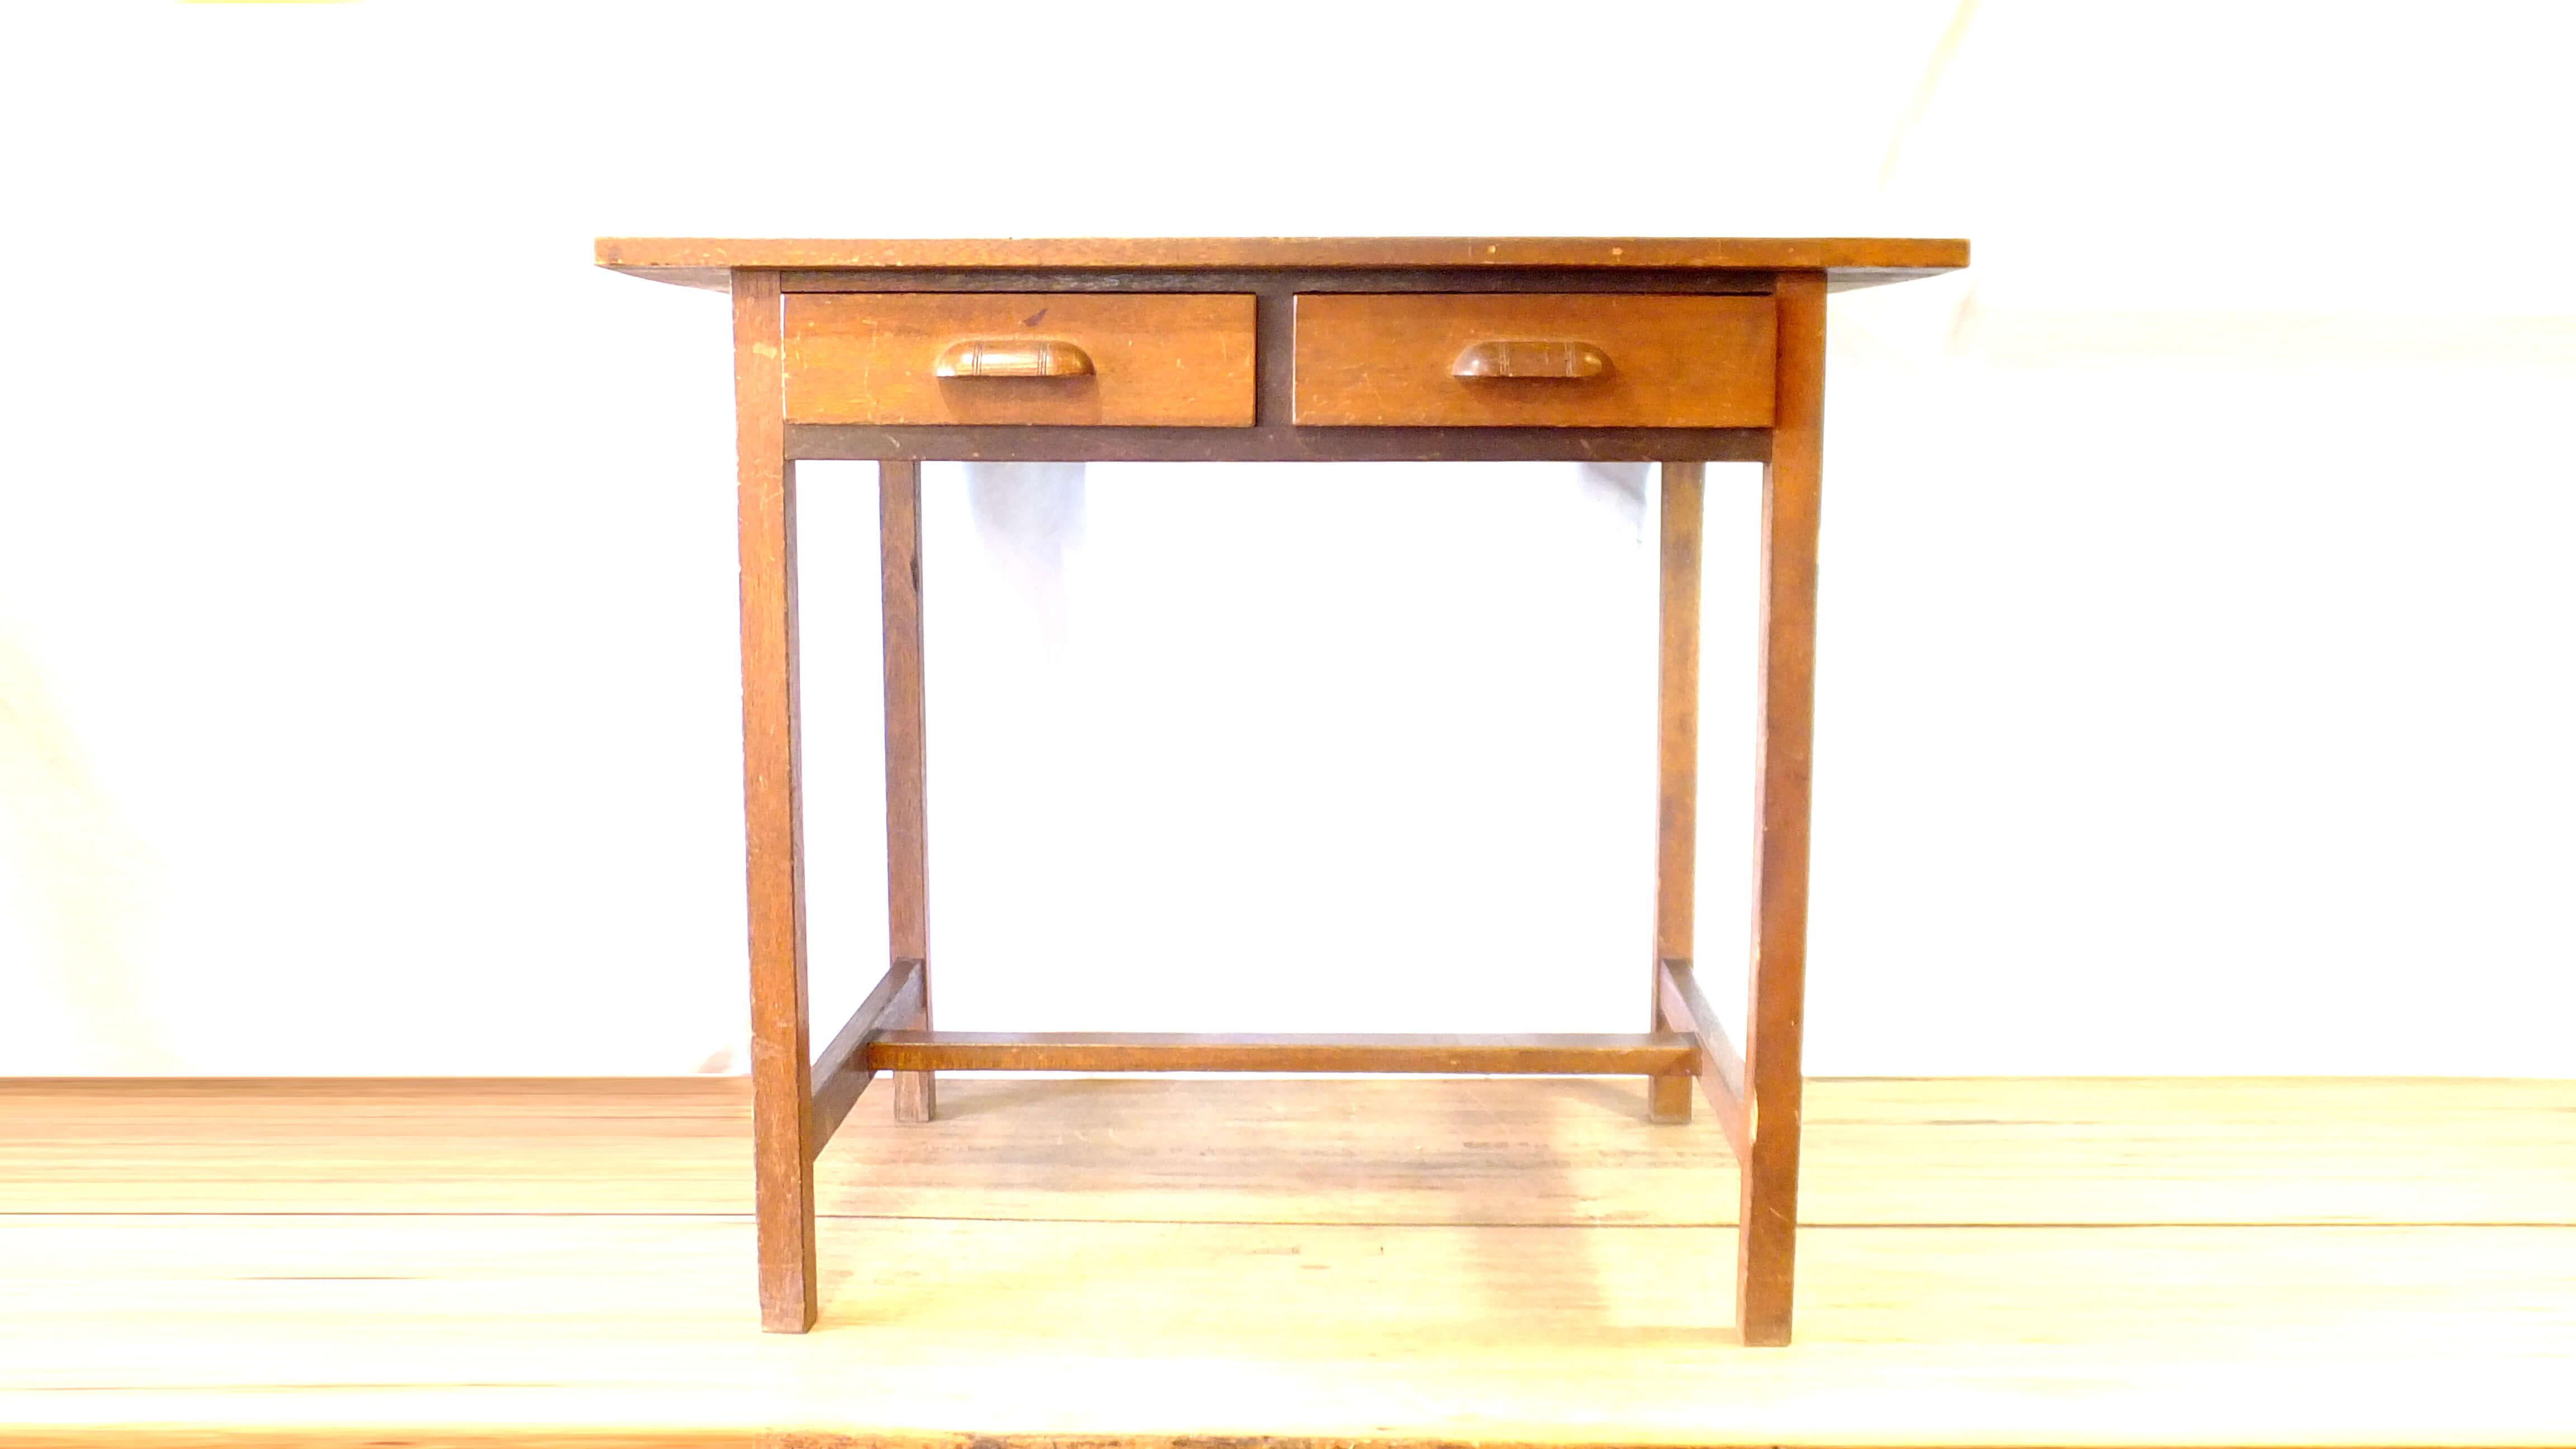 古い日本製の木丸取っ手が可愛らしい造りの良いデスクです。 引き出し横2杯のシンプルなデザイン, 小さめなサイサイズ感ですので、色々な用途でお使い頂けます。パソコンデスクやお子様の学習机、また作業台にも最適です。 店舗のディスプレイ台にも雰囲気良くお使い頂けます。使い込まれてやれた天板も、とても良い雰囲気です。飽きの来ない永くお使い頂ける家具です。お探しだった方は是非この機会にいかがでしょうか。~【東京都杉並区阿佐ヶ谷北アンティークショップ 古一/ZACK高円寺店】 古一/ふるいちでは出張無料買取も行っております。杉並区周辺はもちろん、世田谷区・目黒区・武蔵野市・新宿区等の東京近郊のお見積もりも!ビンテージ家具・インテリア雑貨・ランプ・USED品・ リサイクルなら古一/フルイチへ~